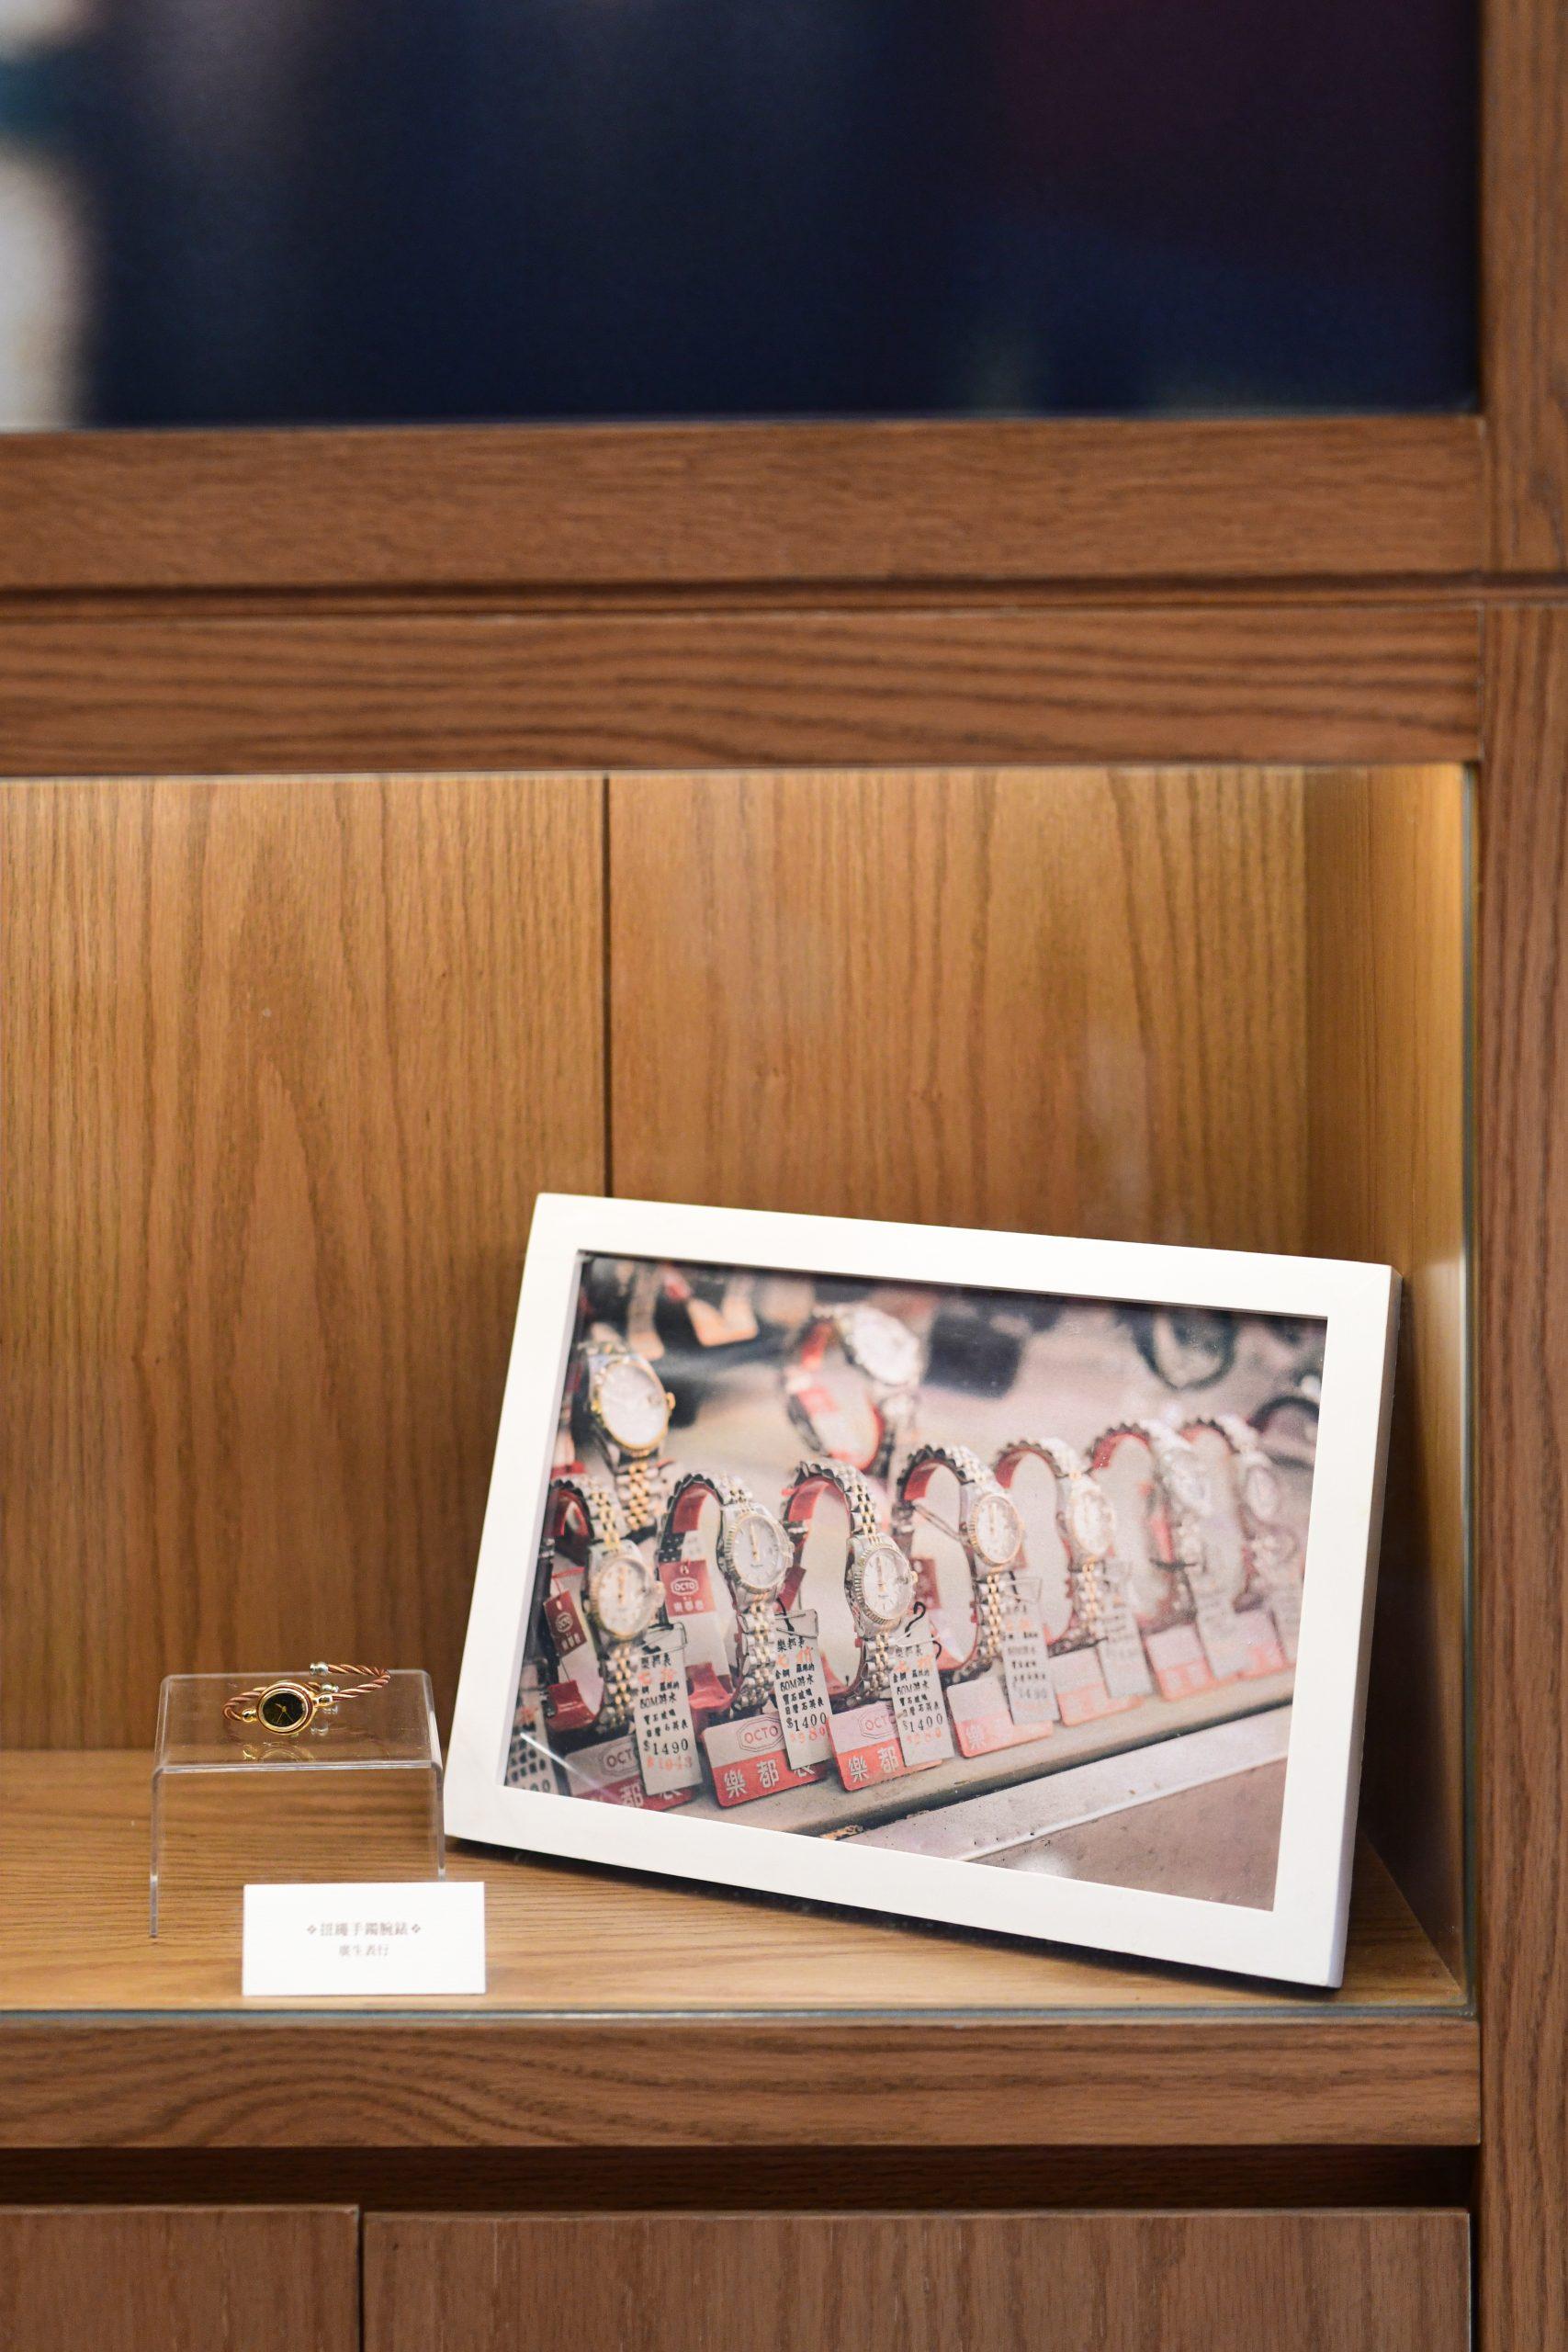 老香港設計展覽 香港遺美 阿銀冰室 歷史 老店 廣生表行 扭繩手鐲腕錶